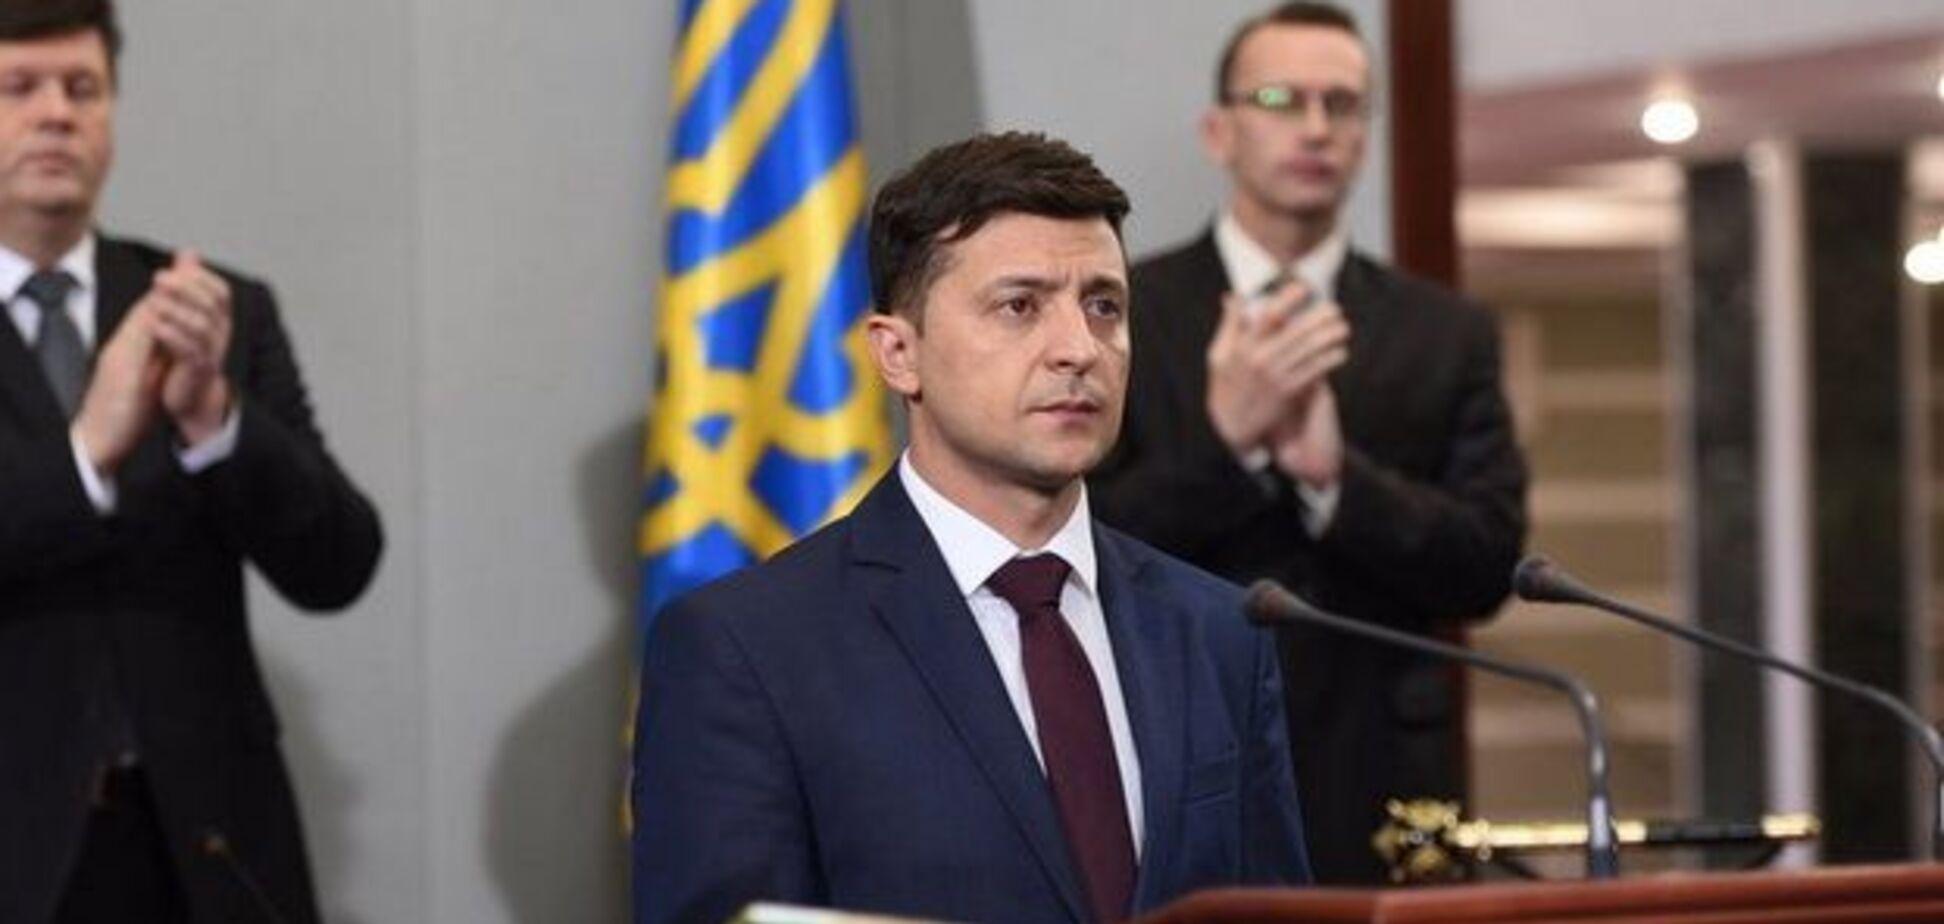 Инаугурация с ''фишечкой'': юрист рассказал, чего ждать от Зеленского